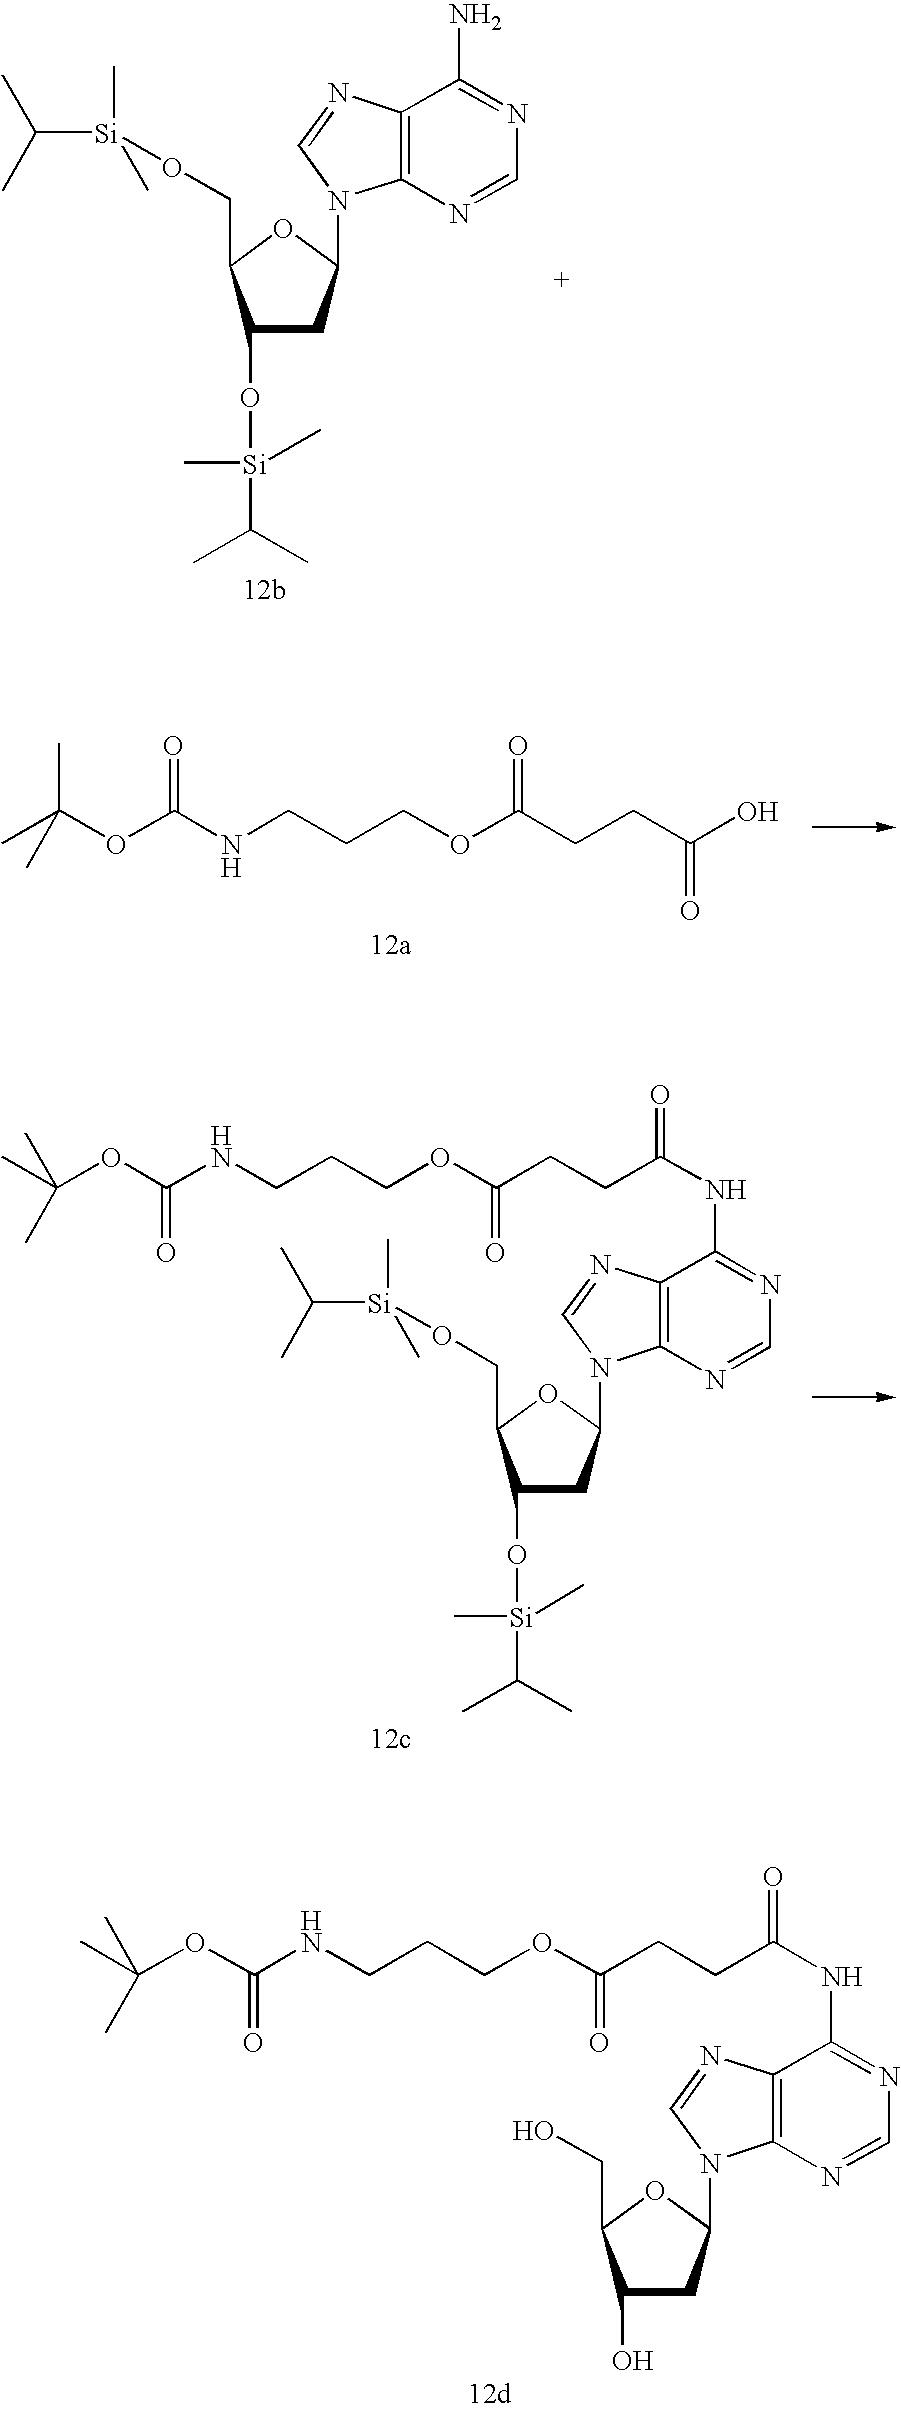 Figure US07727713-20100601-C00075